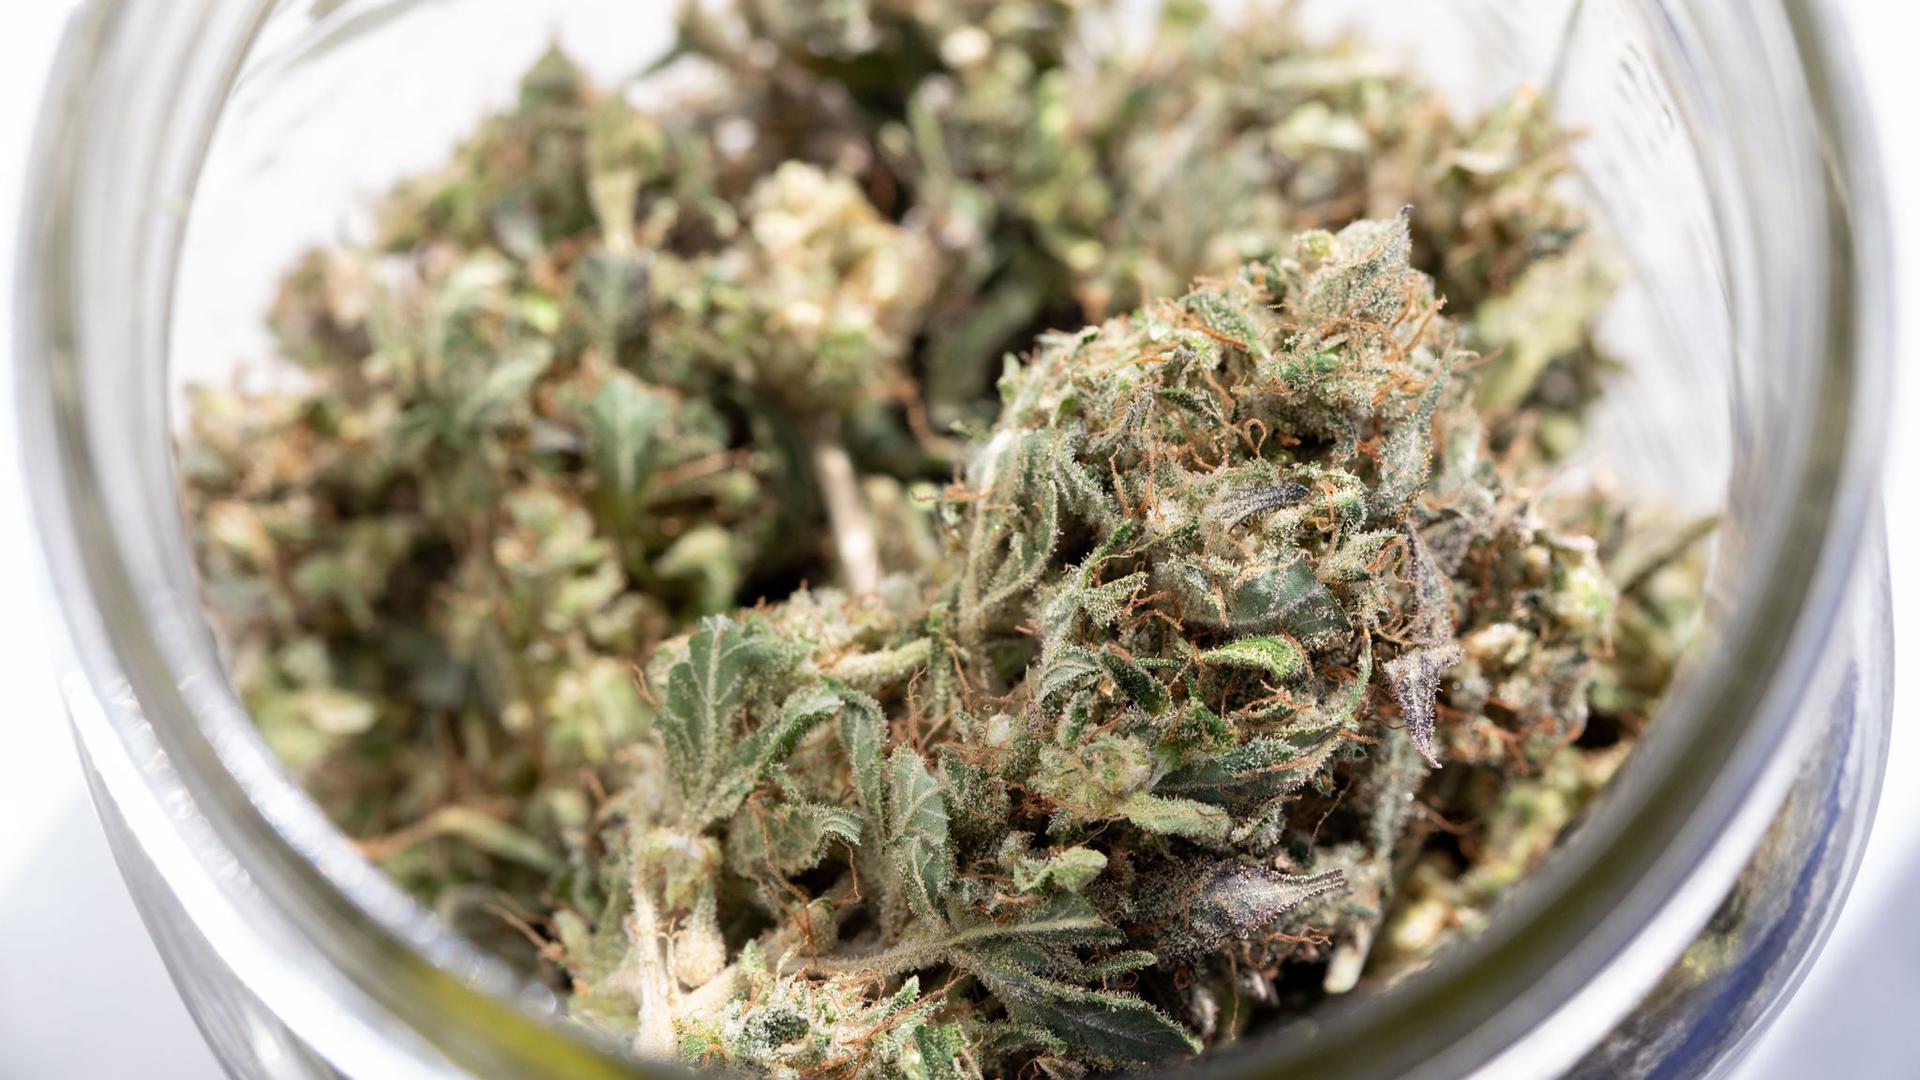 New York mit seinen knapp 20 Millionen Einwohnern - und der gleichnamigen Millionenmetropole - ist der 15. US-Bundesstaat, der Marihuana für den freien Gebrauch erlaubt.